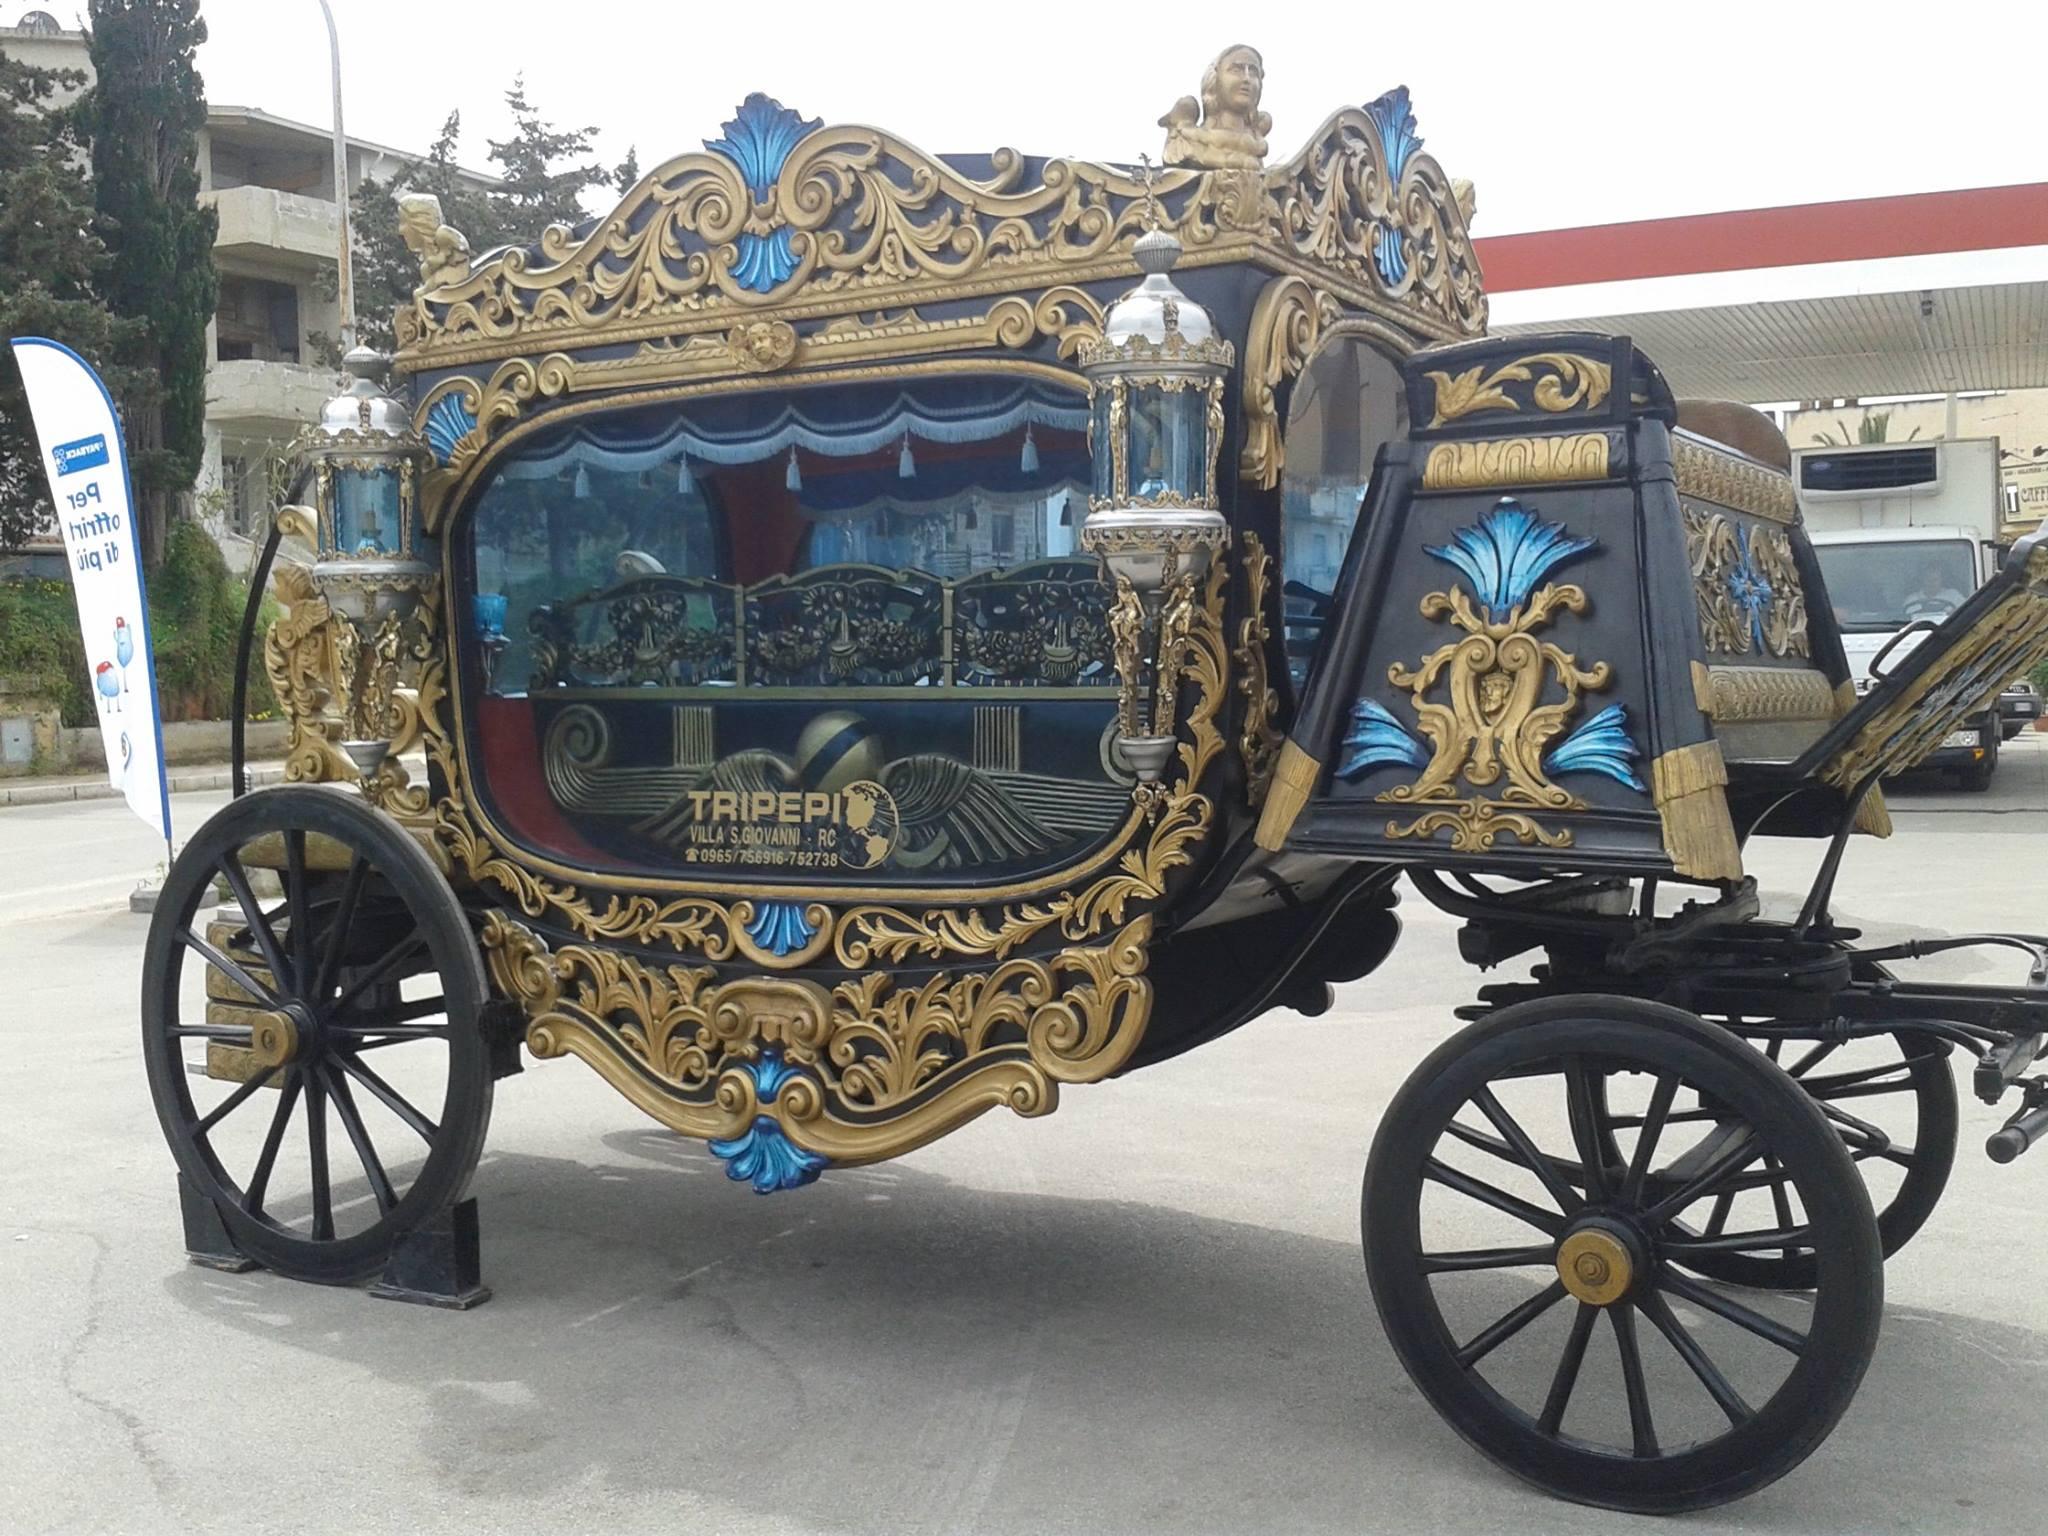 foto di una carrozza con ornamenti dorati e un vetro